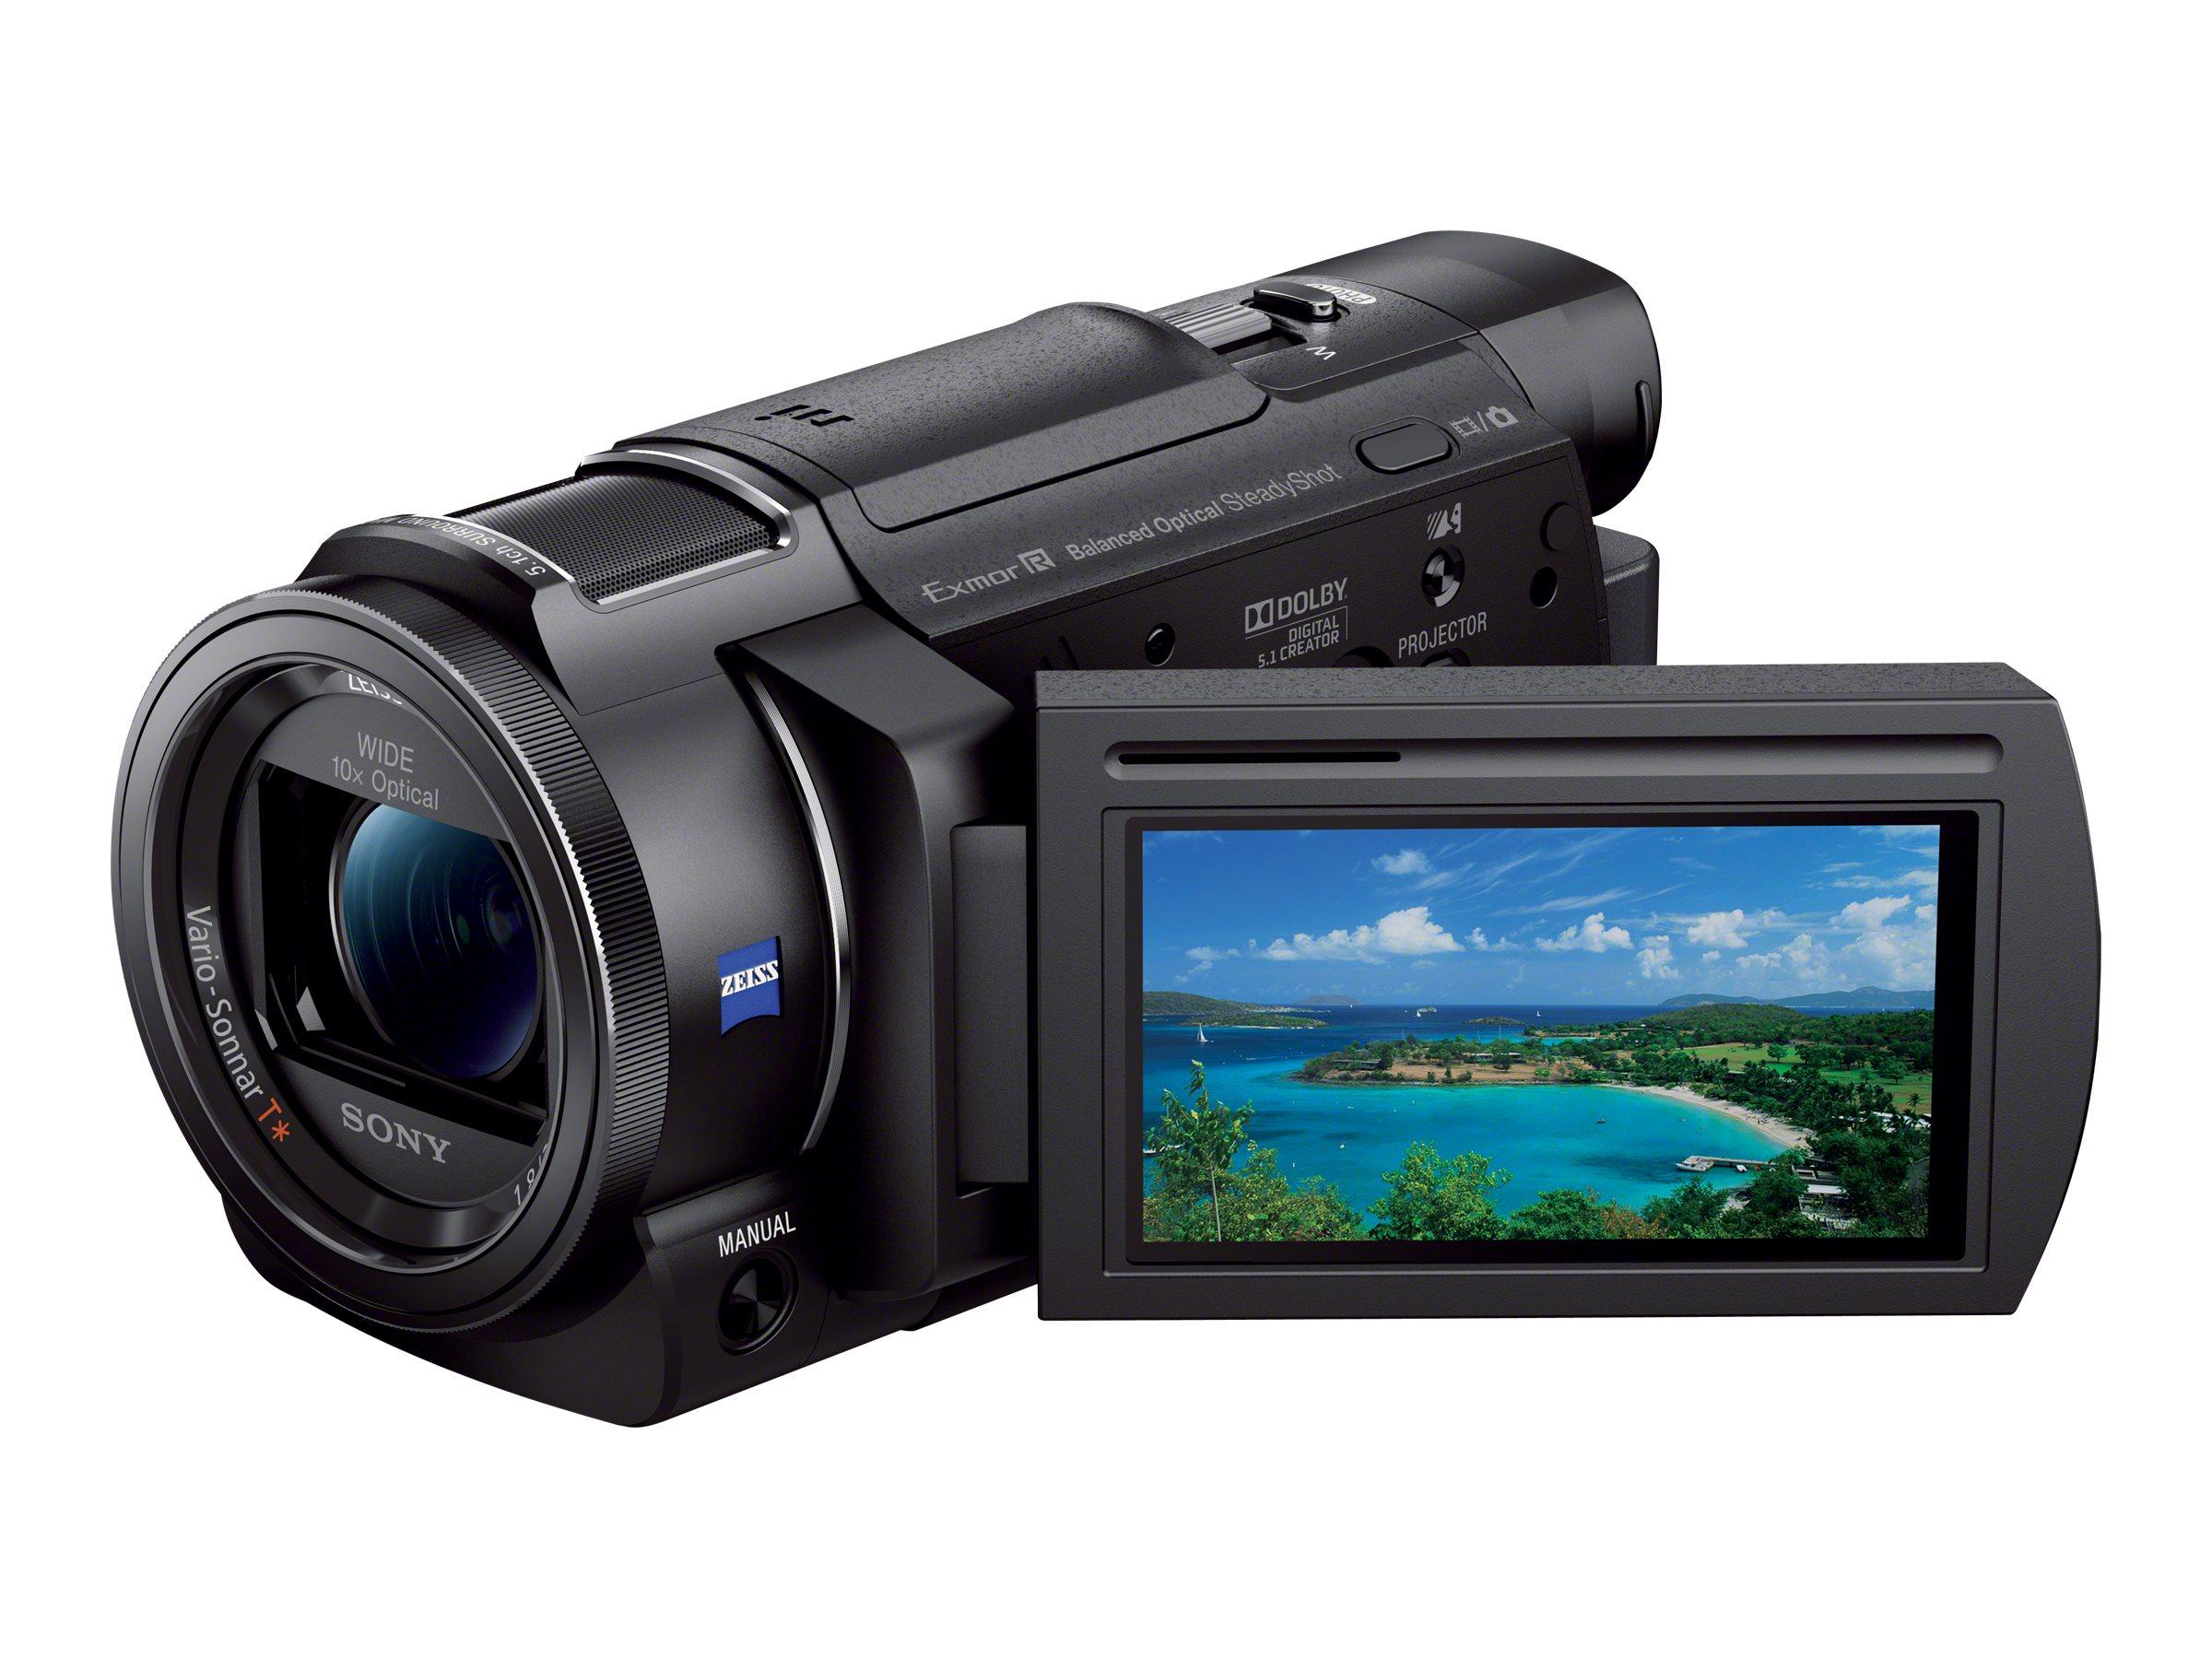 Sony Handycam FDR-AX33 - Camcorder - 4K - 18.9 MPix - 10x optischer Zoom - Carl Zeiss